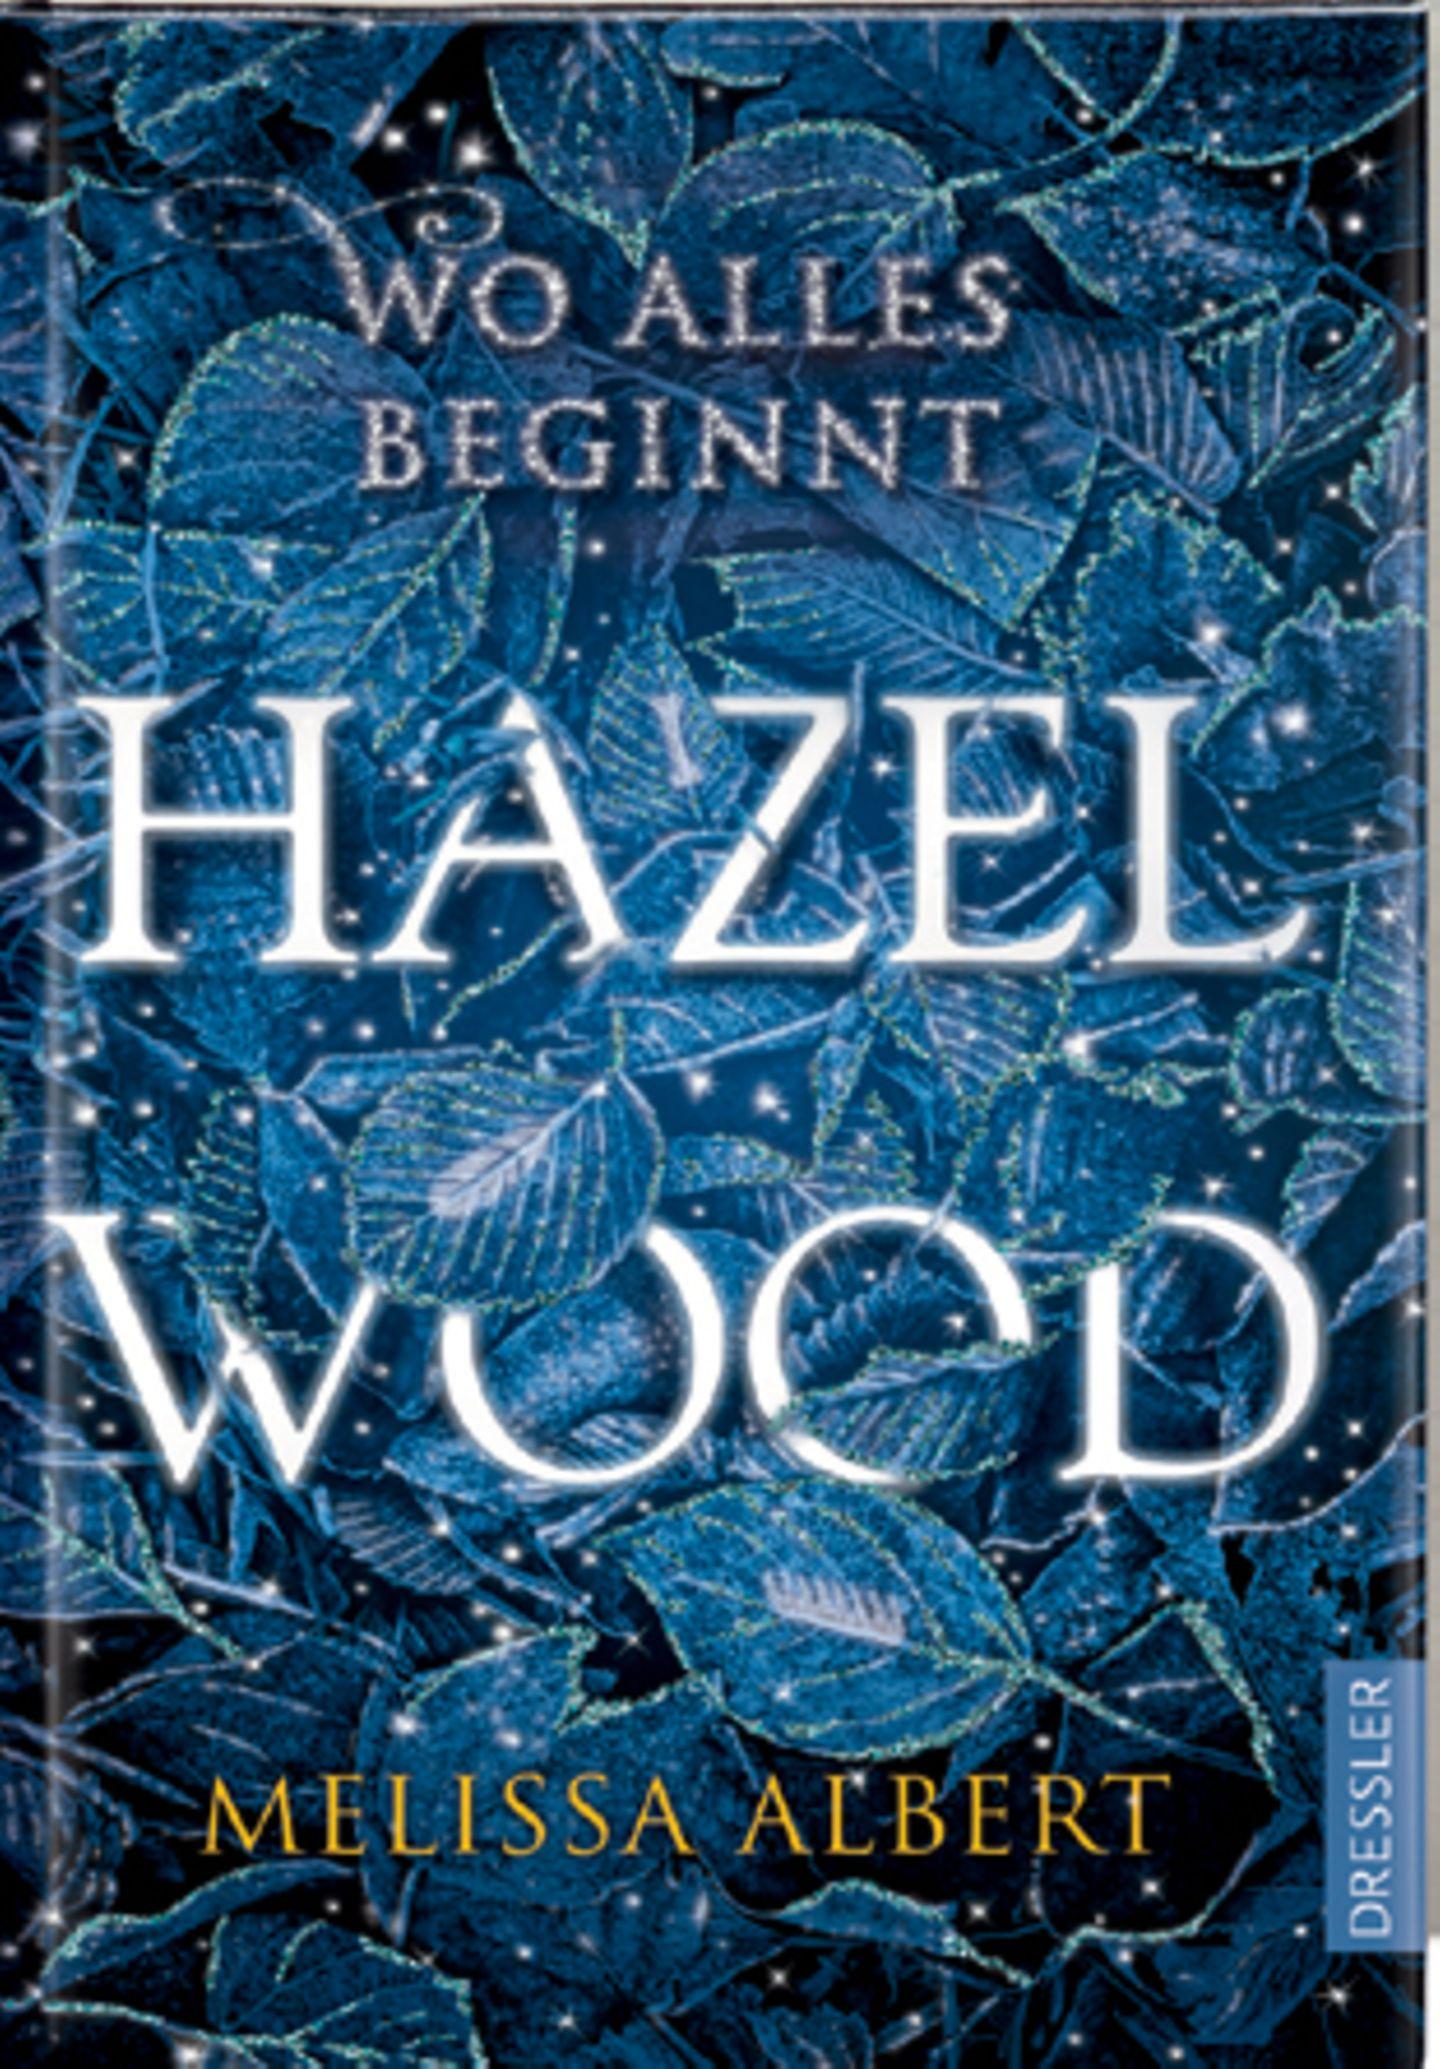 Literaturempfehlung: Hazel Wood